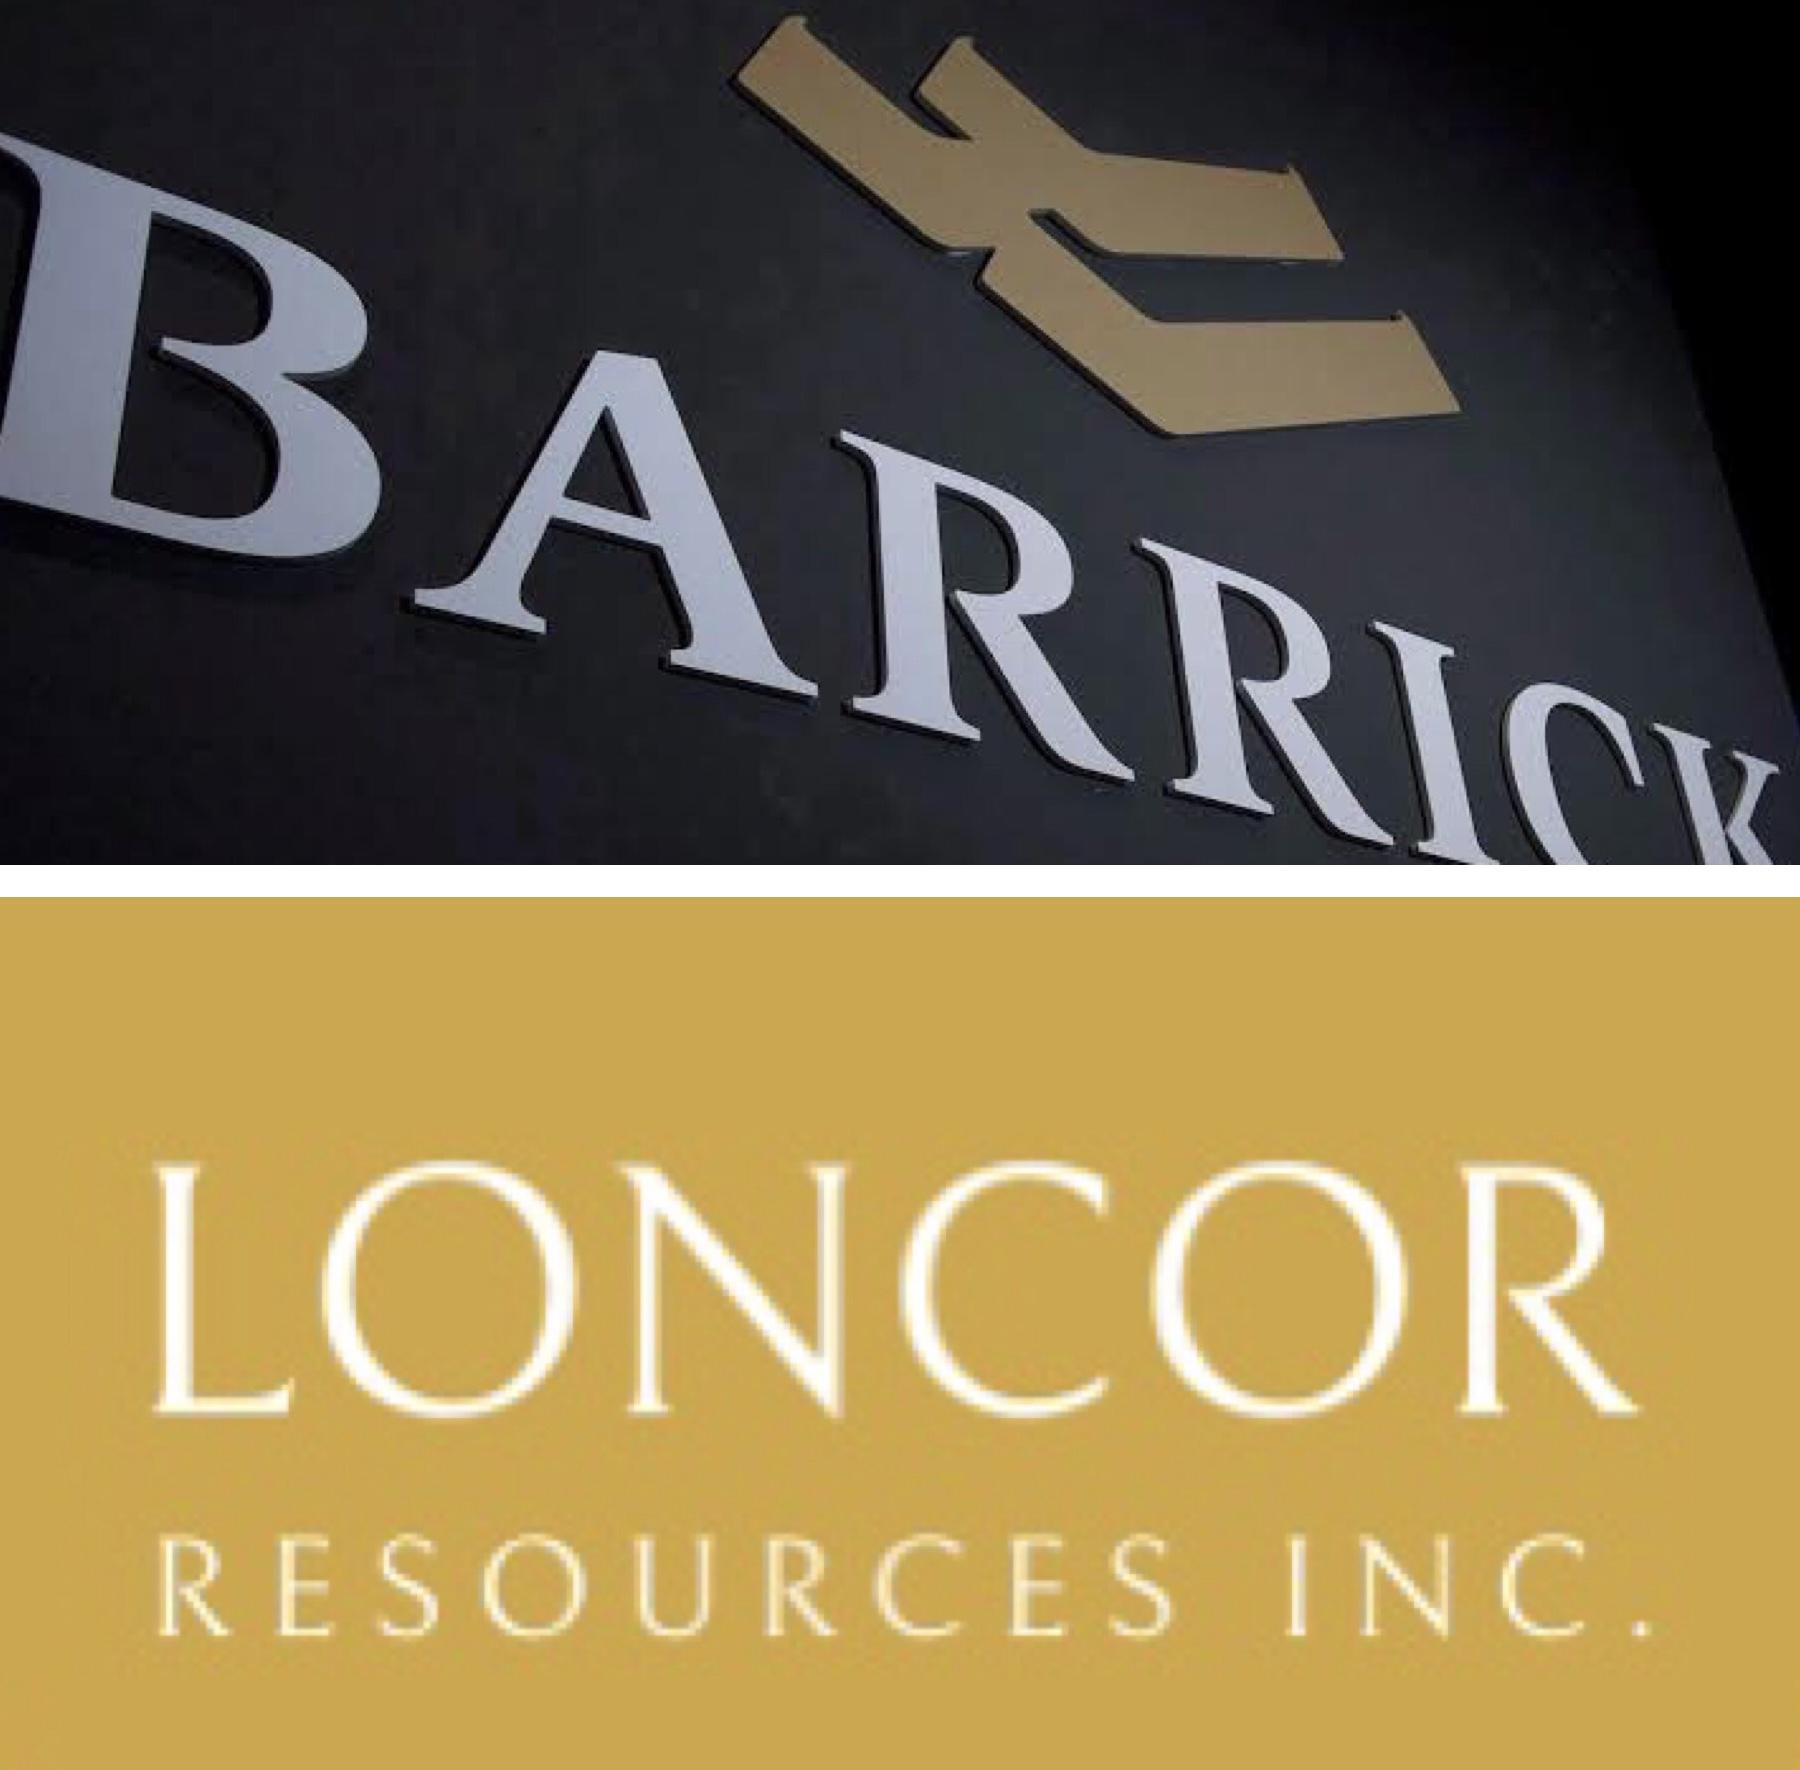 RDC : Barrick et Loncor Ressources renforcent leur partenariat pour l'exploration dans la ceinture aurifère Ngayu 1